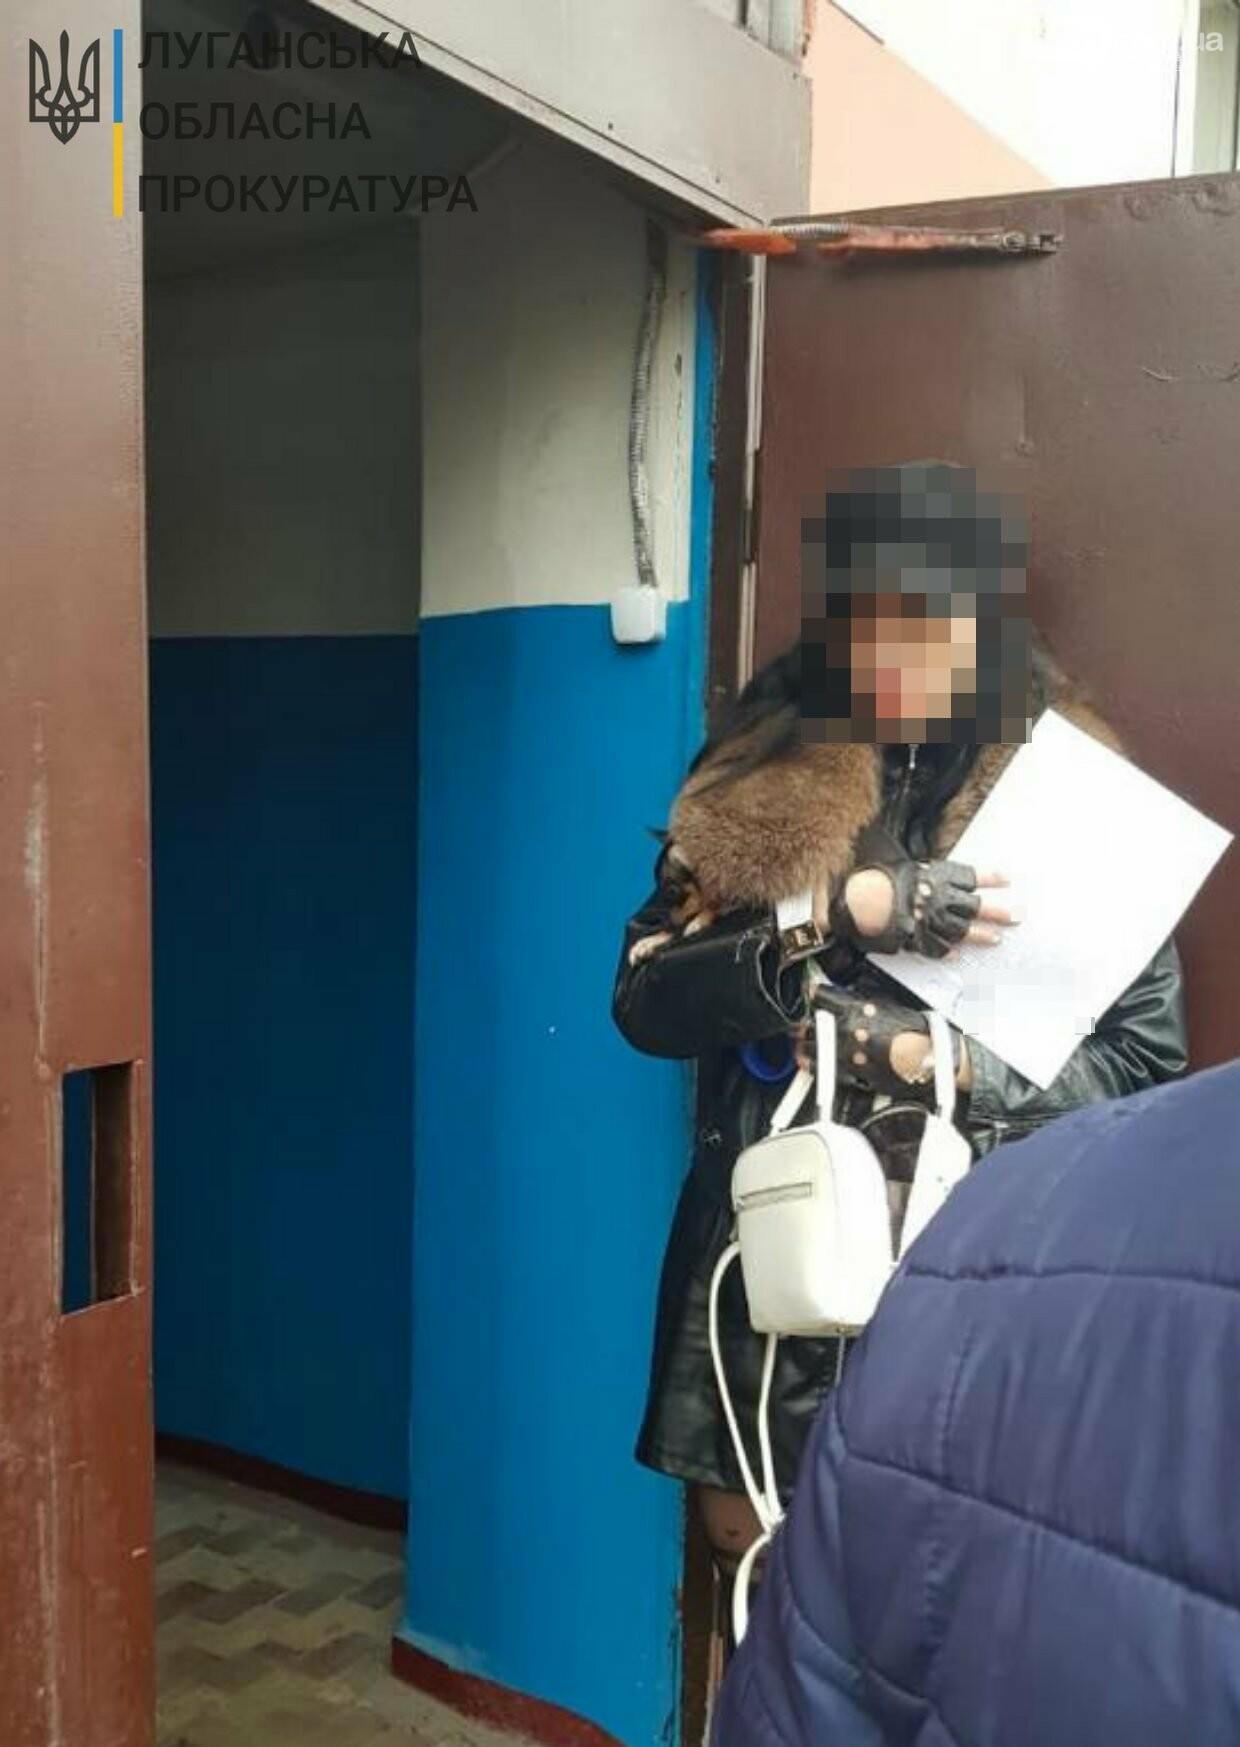 В Лисичанске женщина привлекала малолетнего сына к распространению наркотических веществ, фото-2, Луганская областная прокуратура